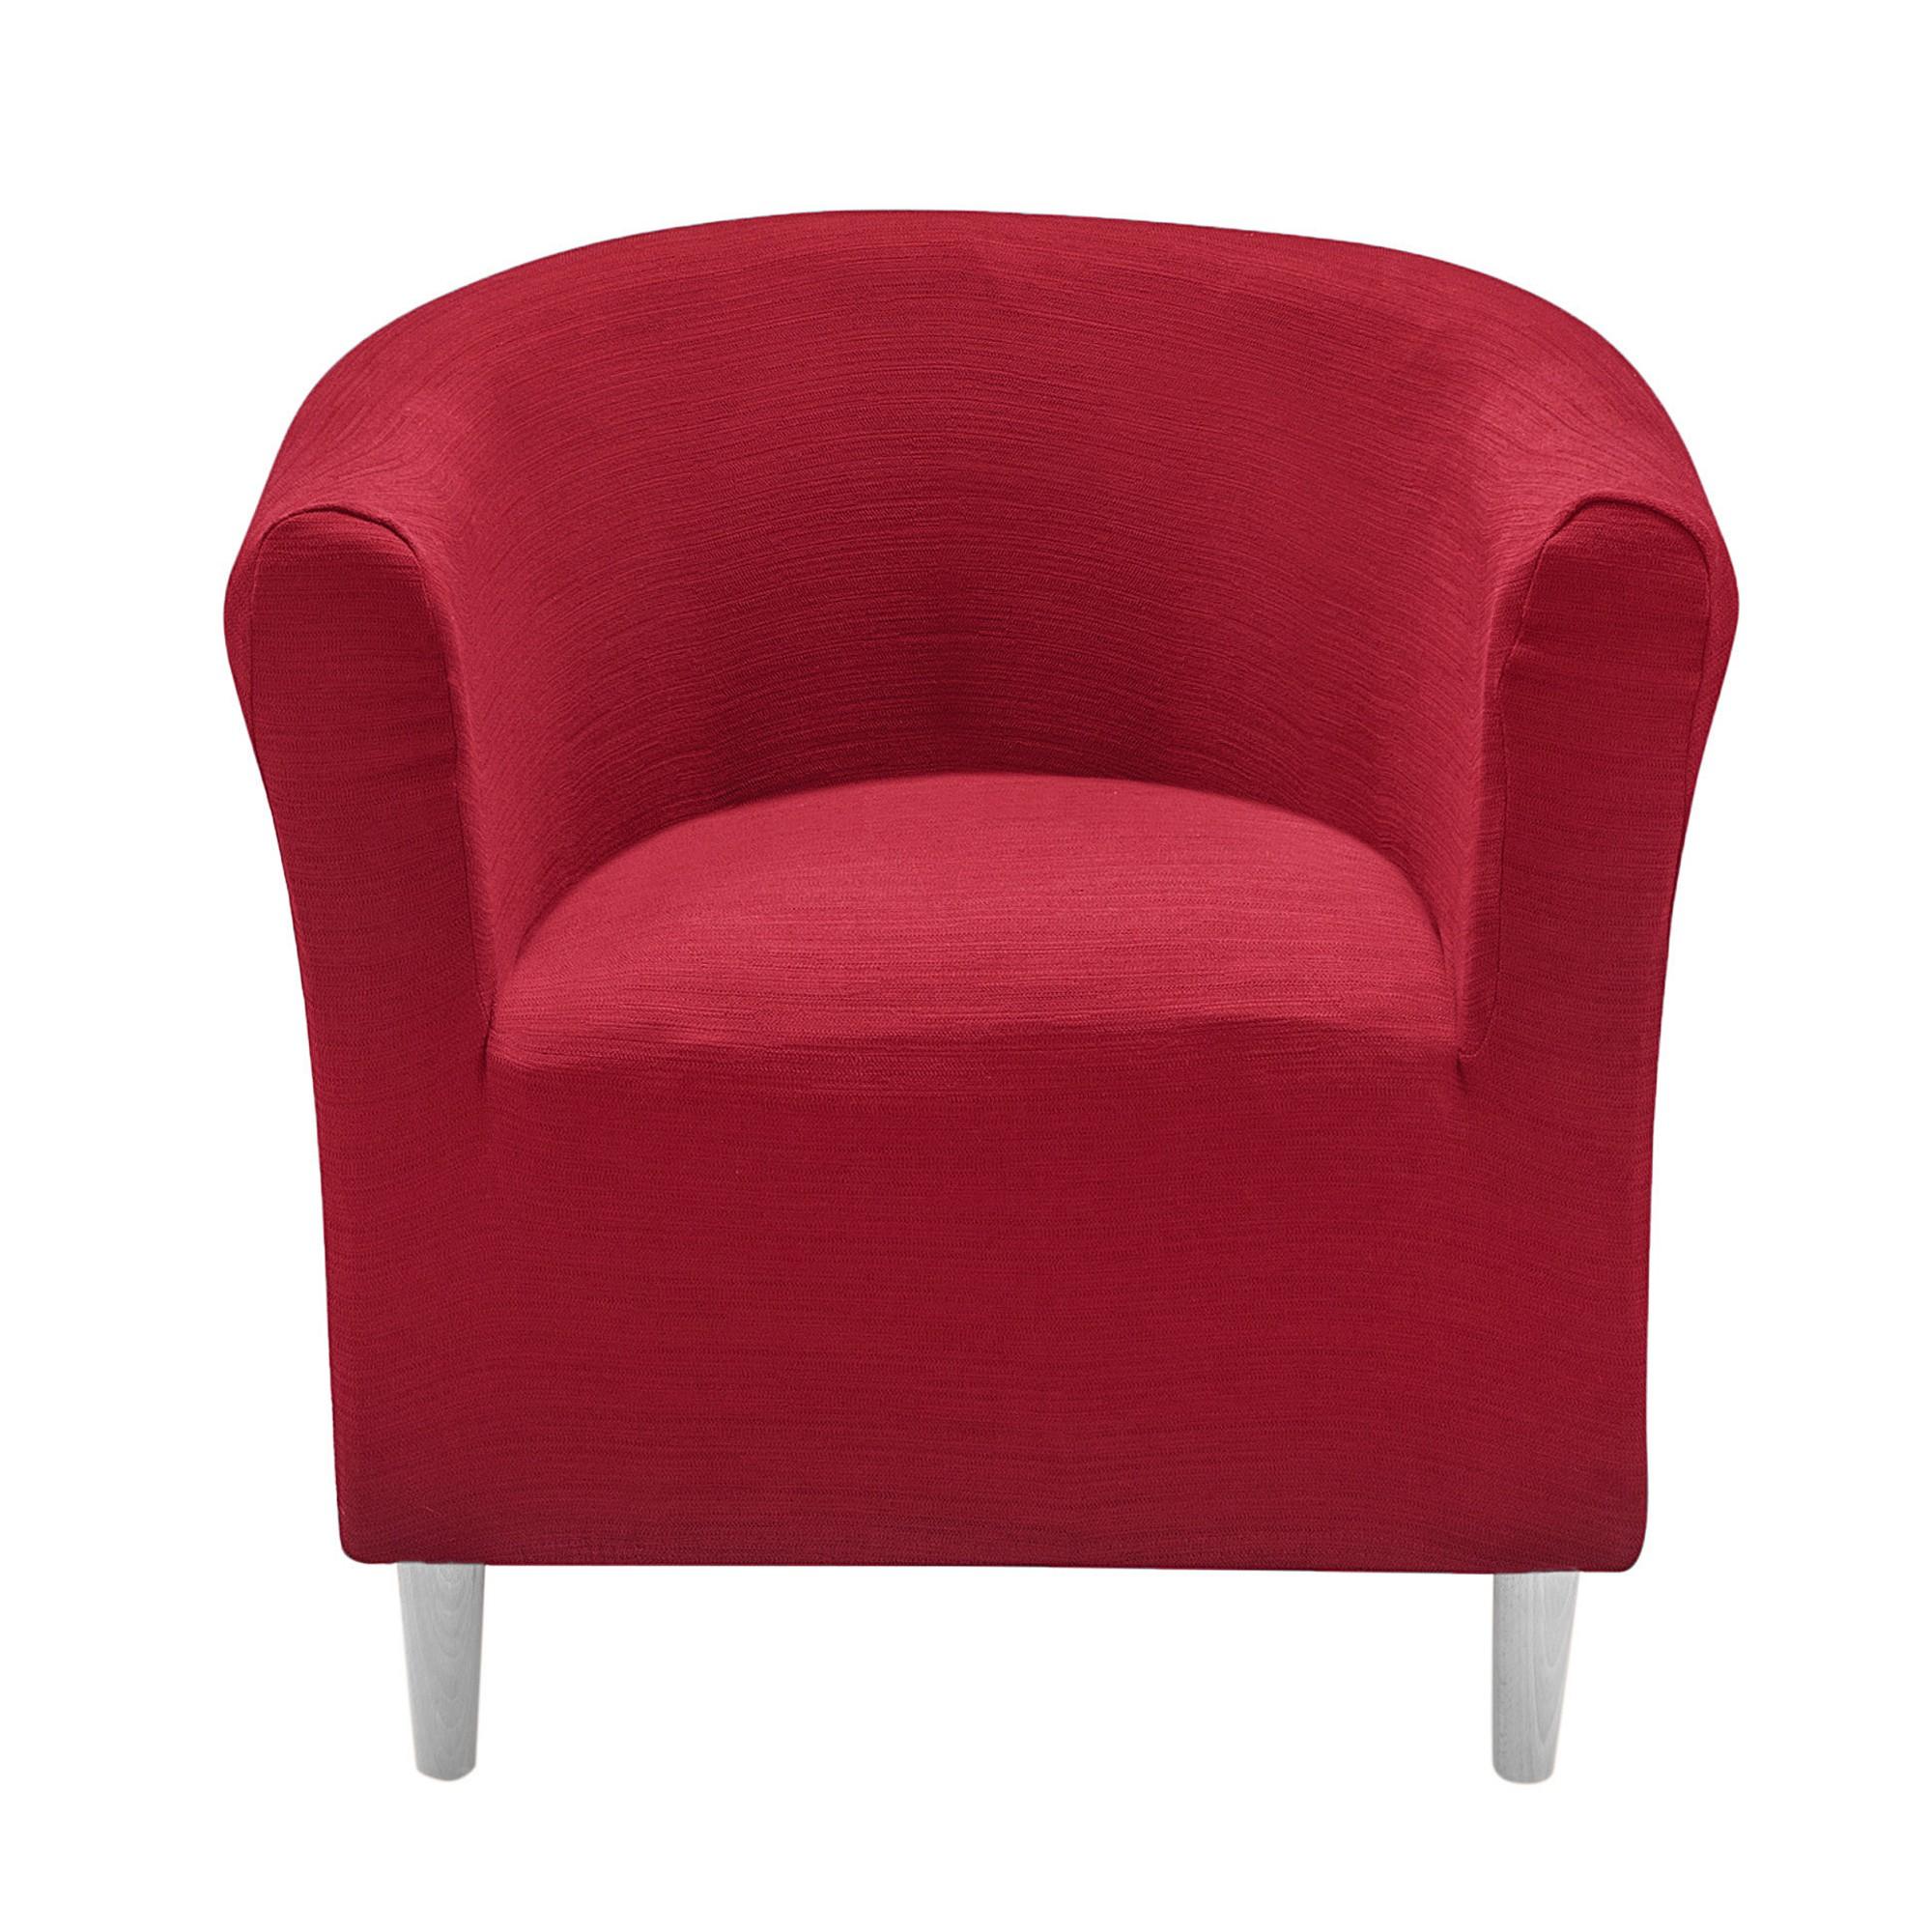 Housse fauteuil cabriolet - Blancheporte